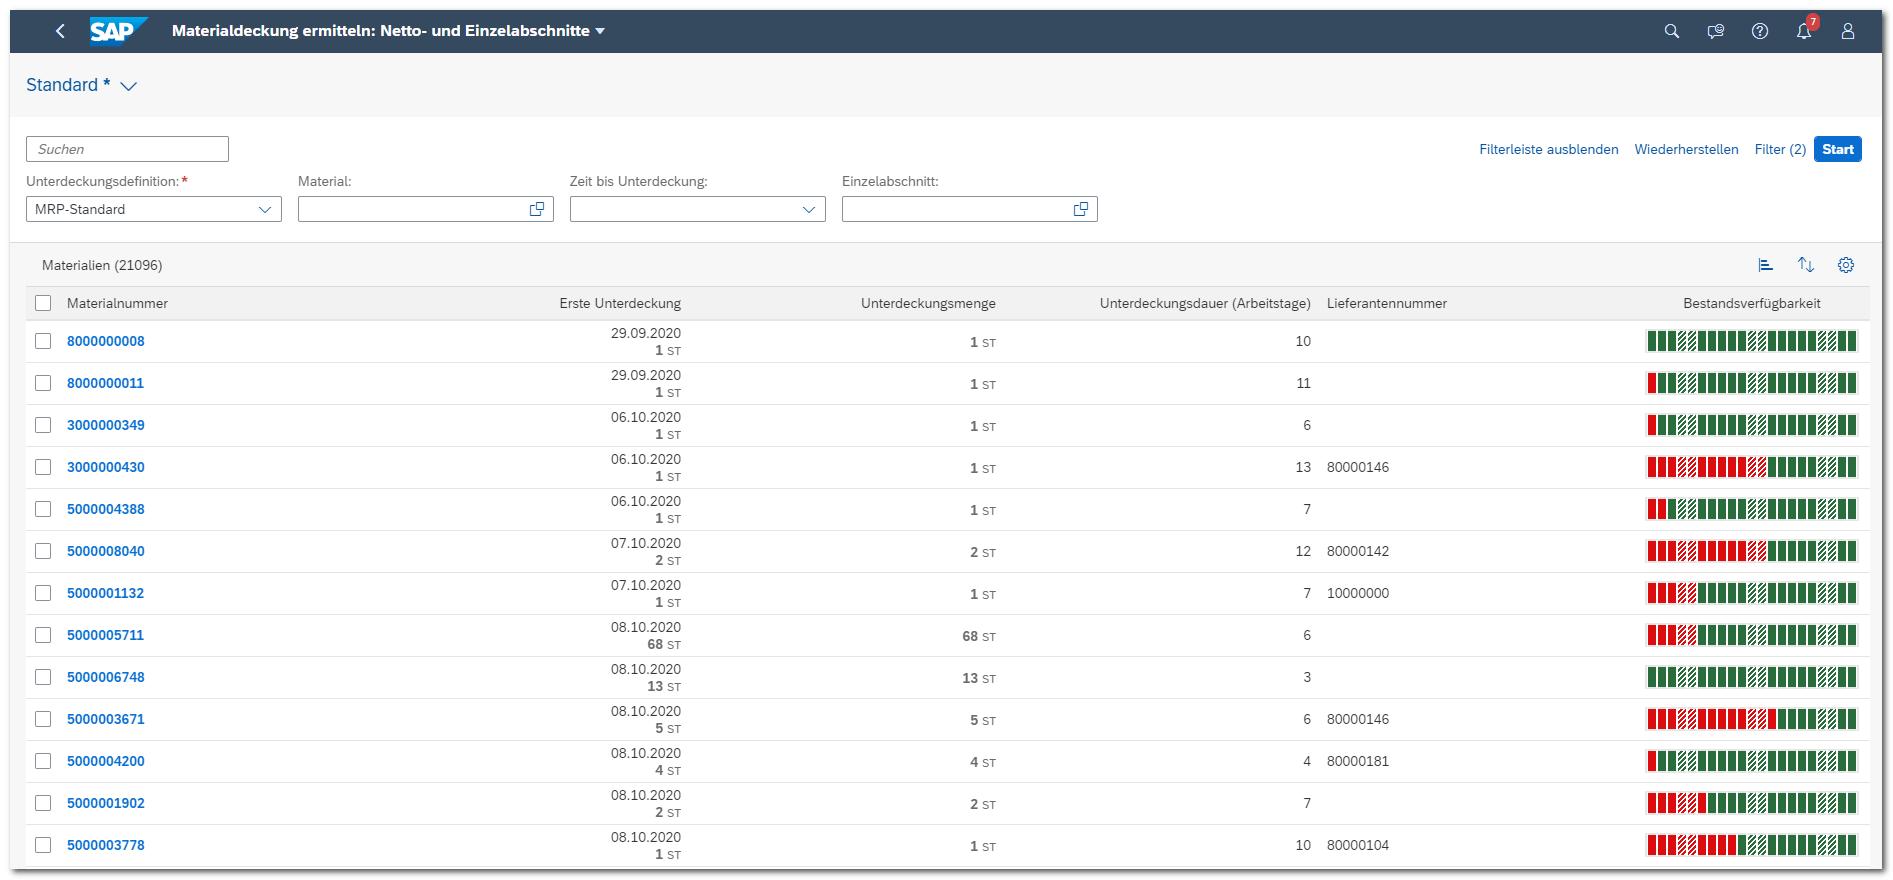 Blog Screen Sales Materialabdeckung Highlights S4HANA - Die besten Apps aus 5 Jahren SAP S/4HANA – Vertrieb